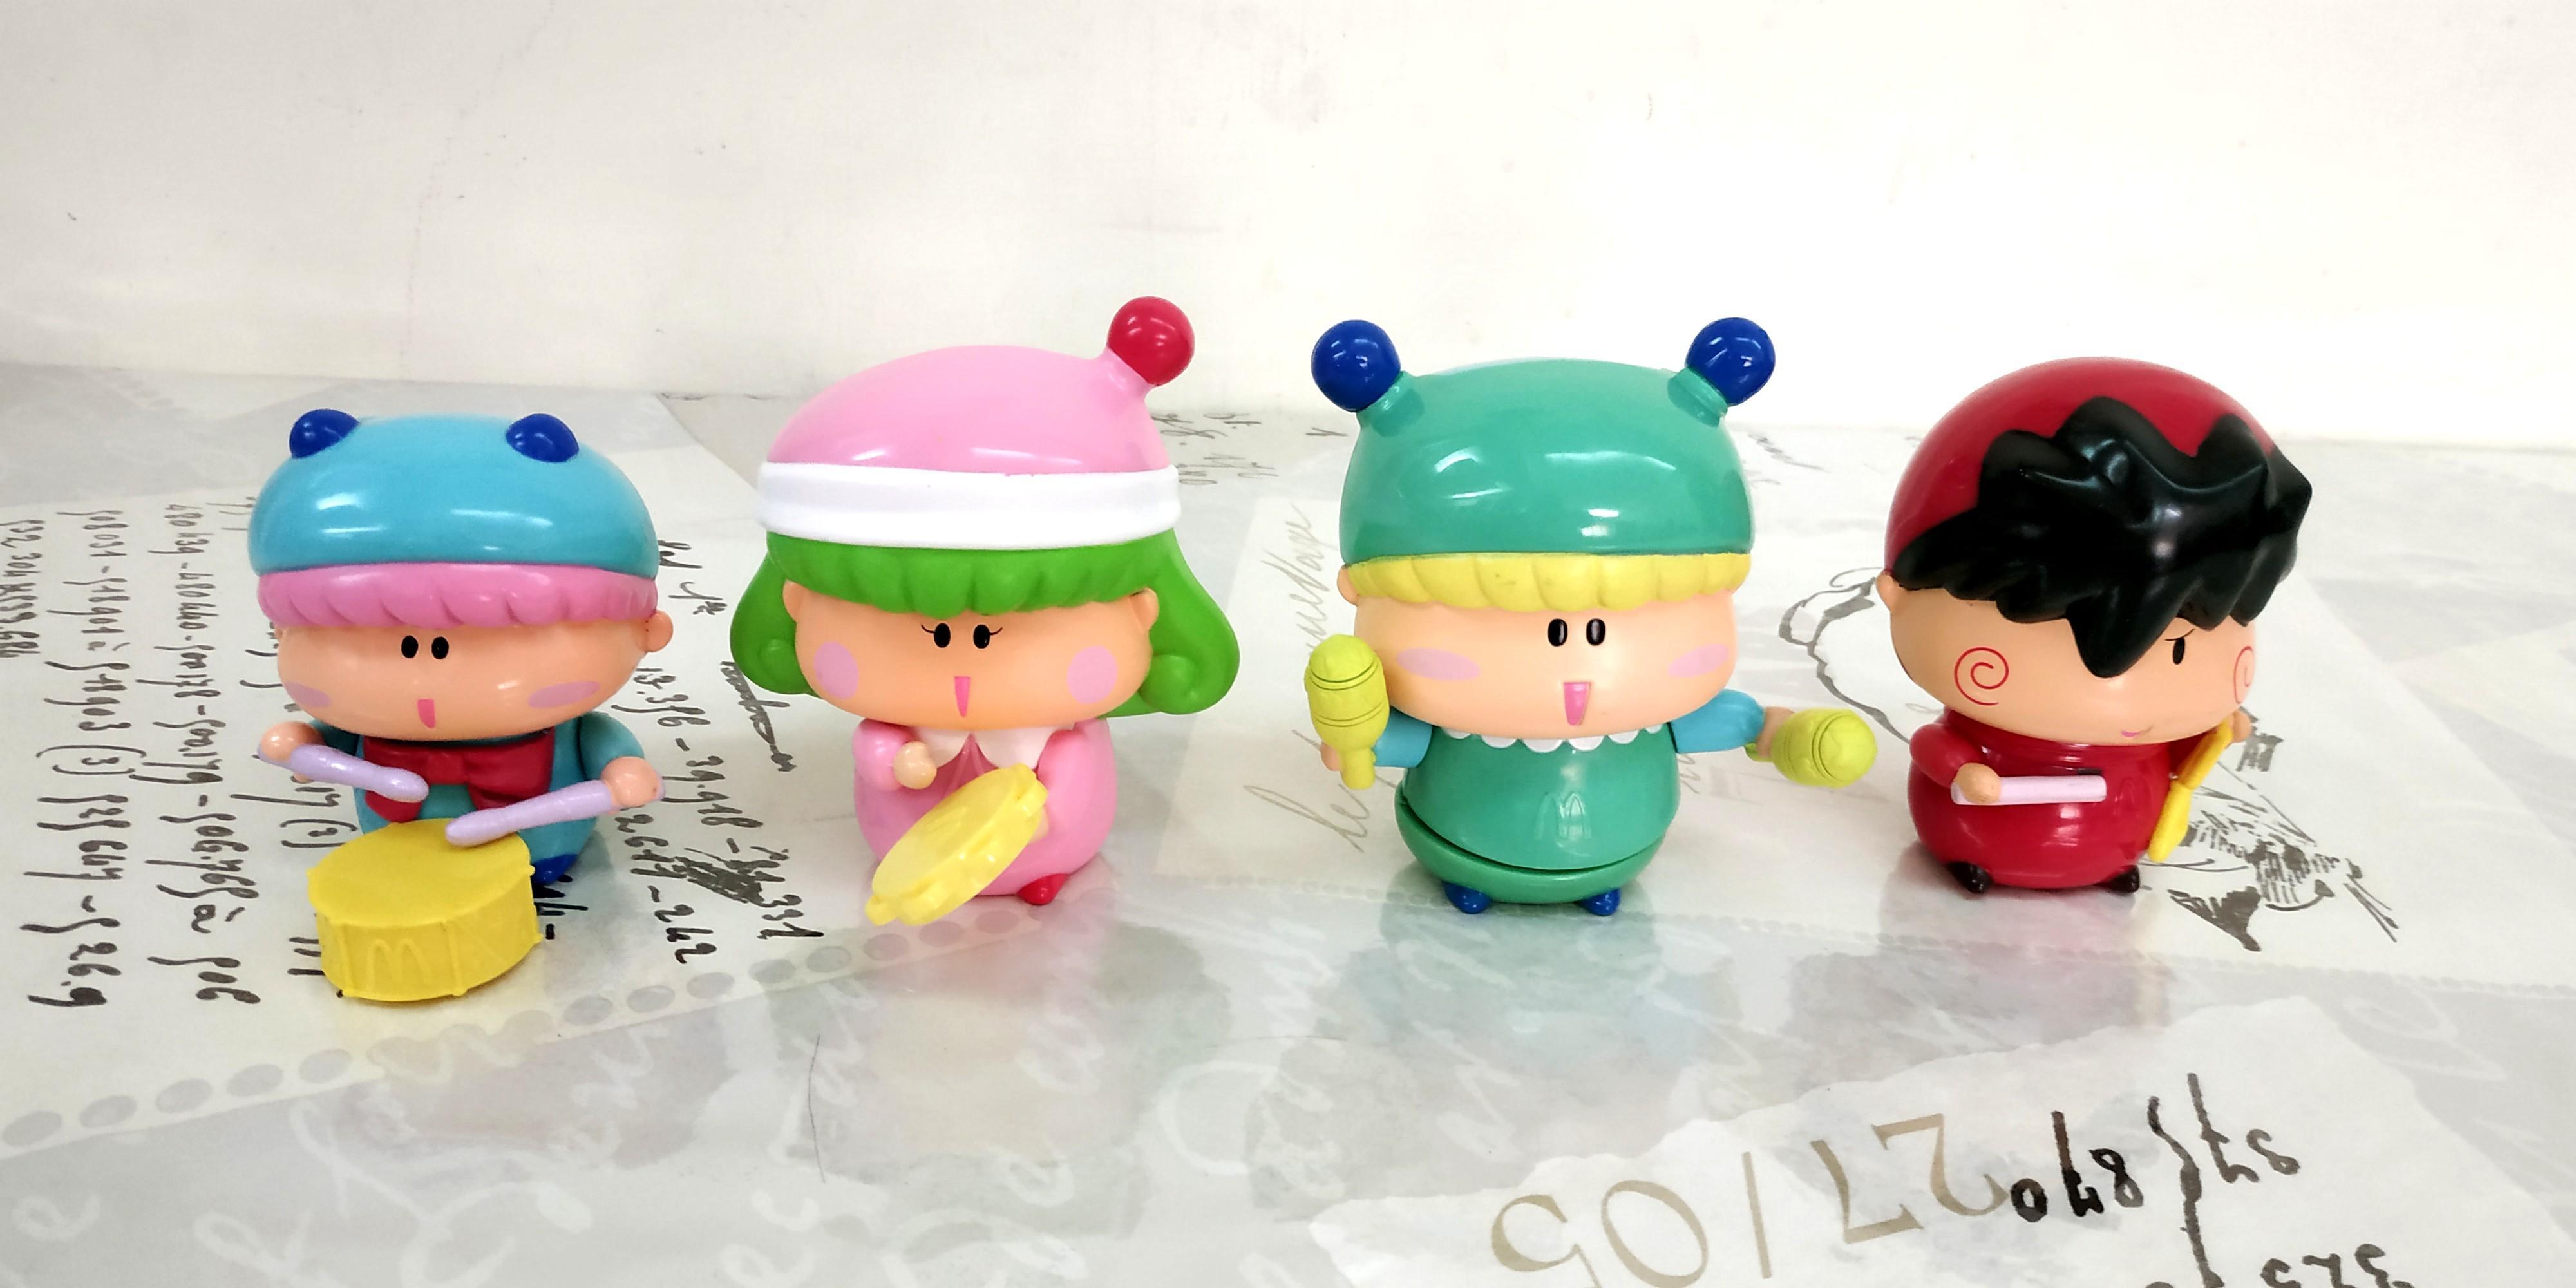 絕版麥當勞2005珍藏玩具一組